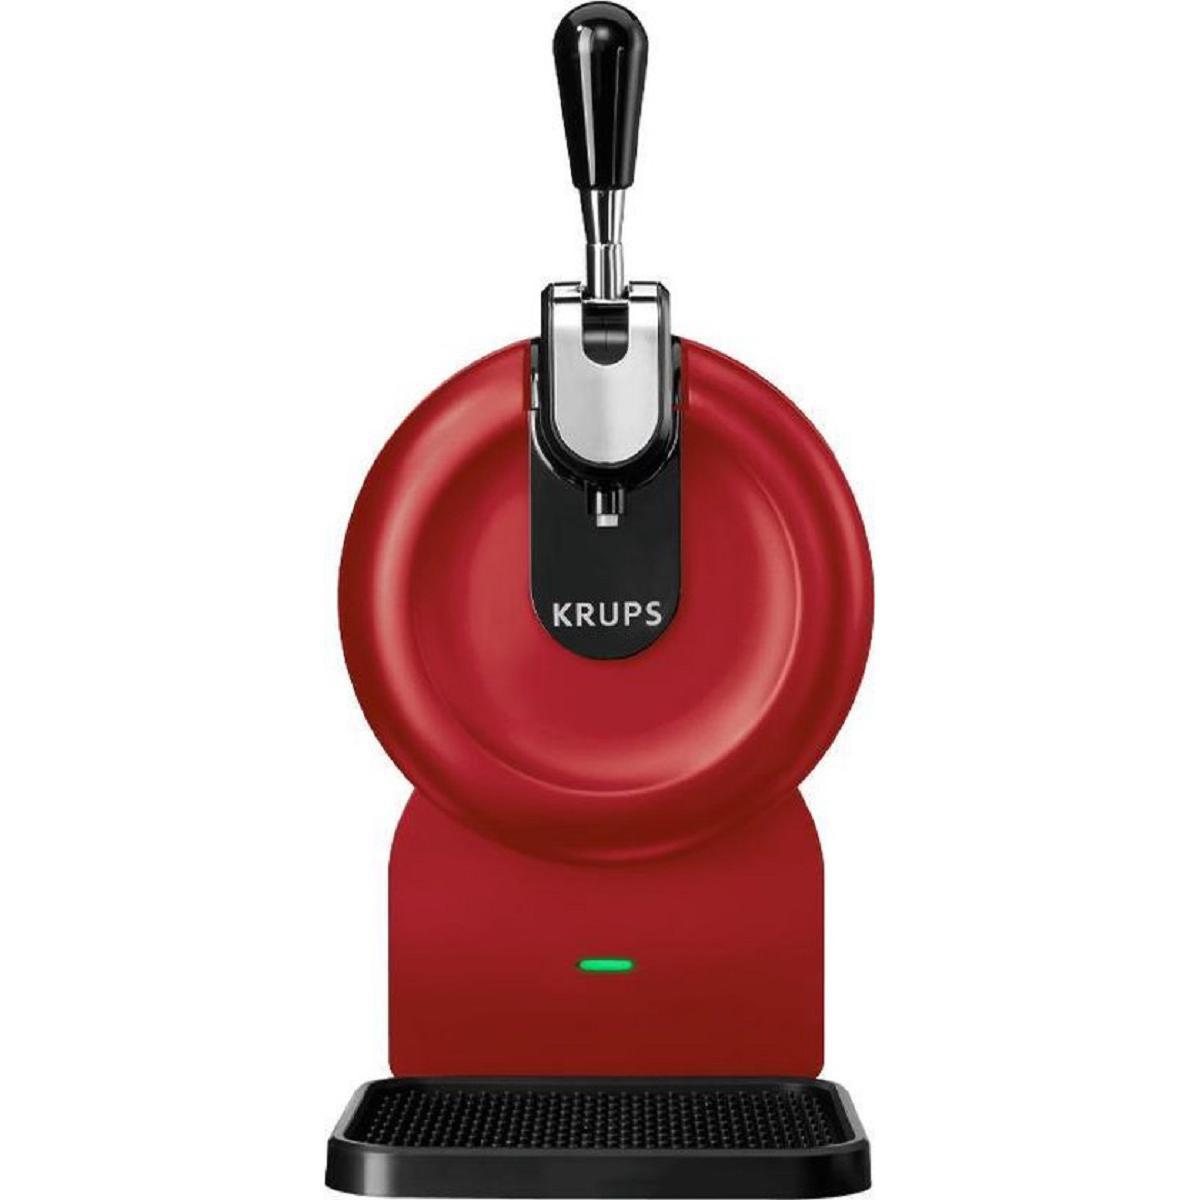 Krups Tireuse à bière The Sub Compact Rouge 2L - VB641510